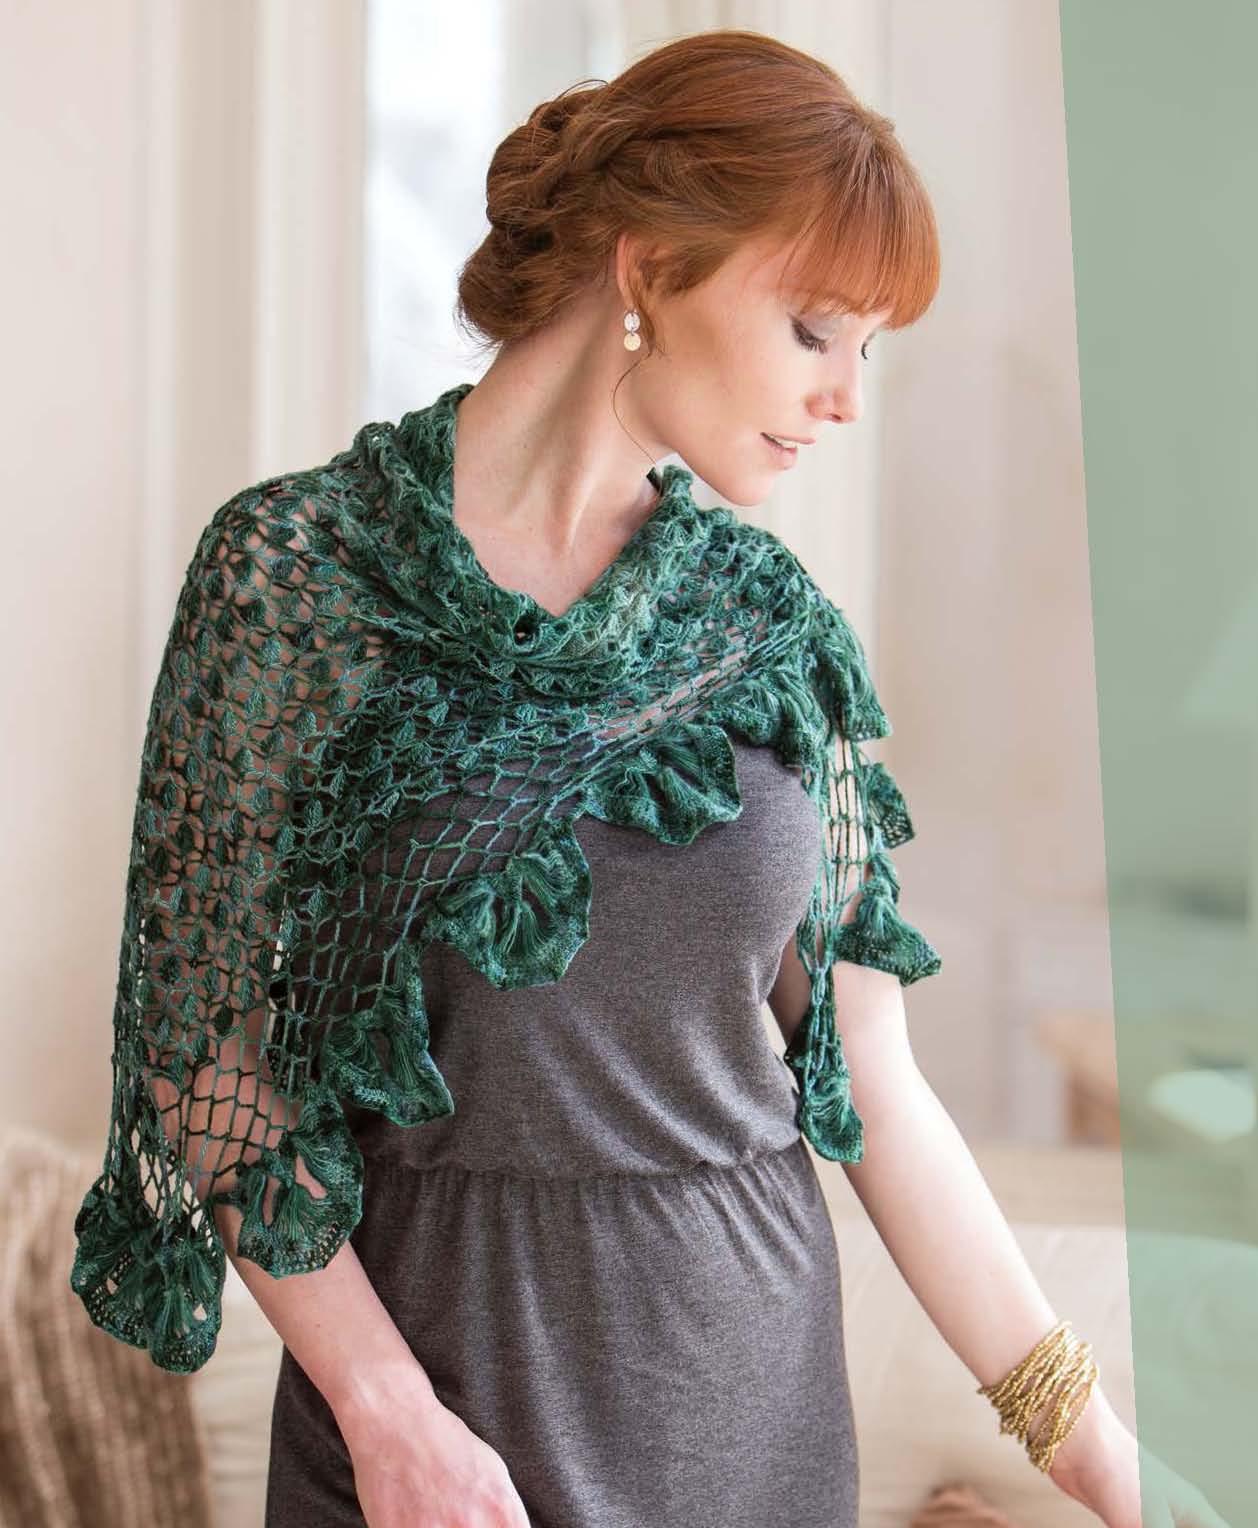 Crochet So Lovely -  Bleeding Heart Shawl beauty shot.jpg